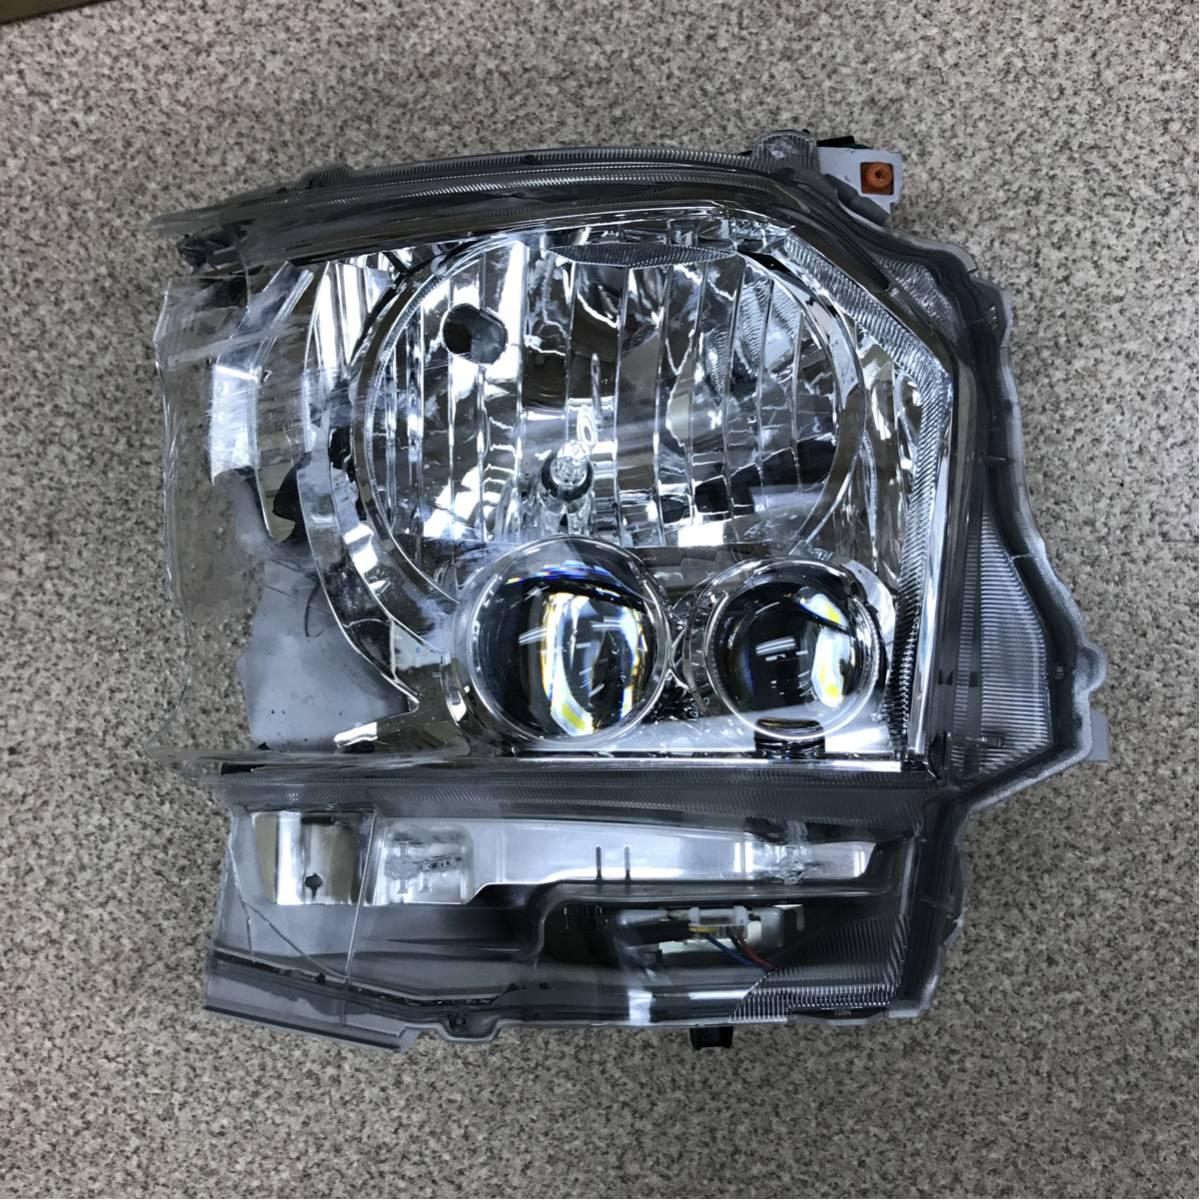 ハイエース 右ヘッドライトJUNK 4型 部品取り LED点灯確認済み